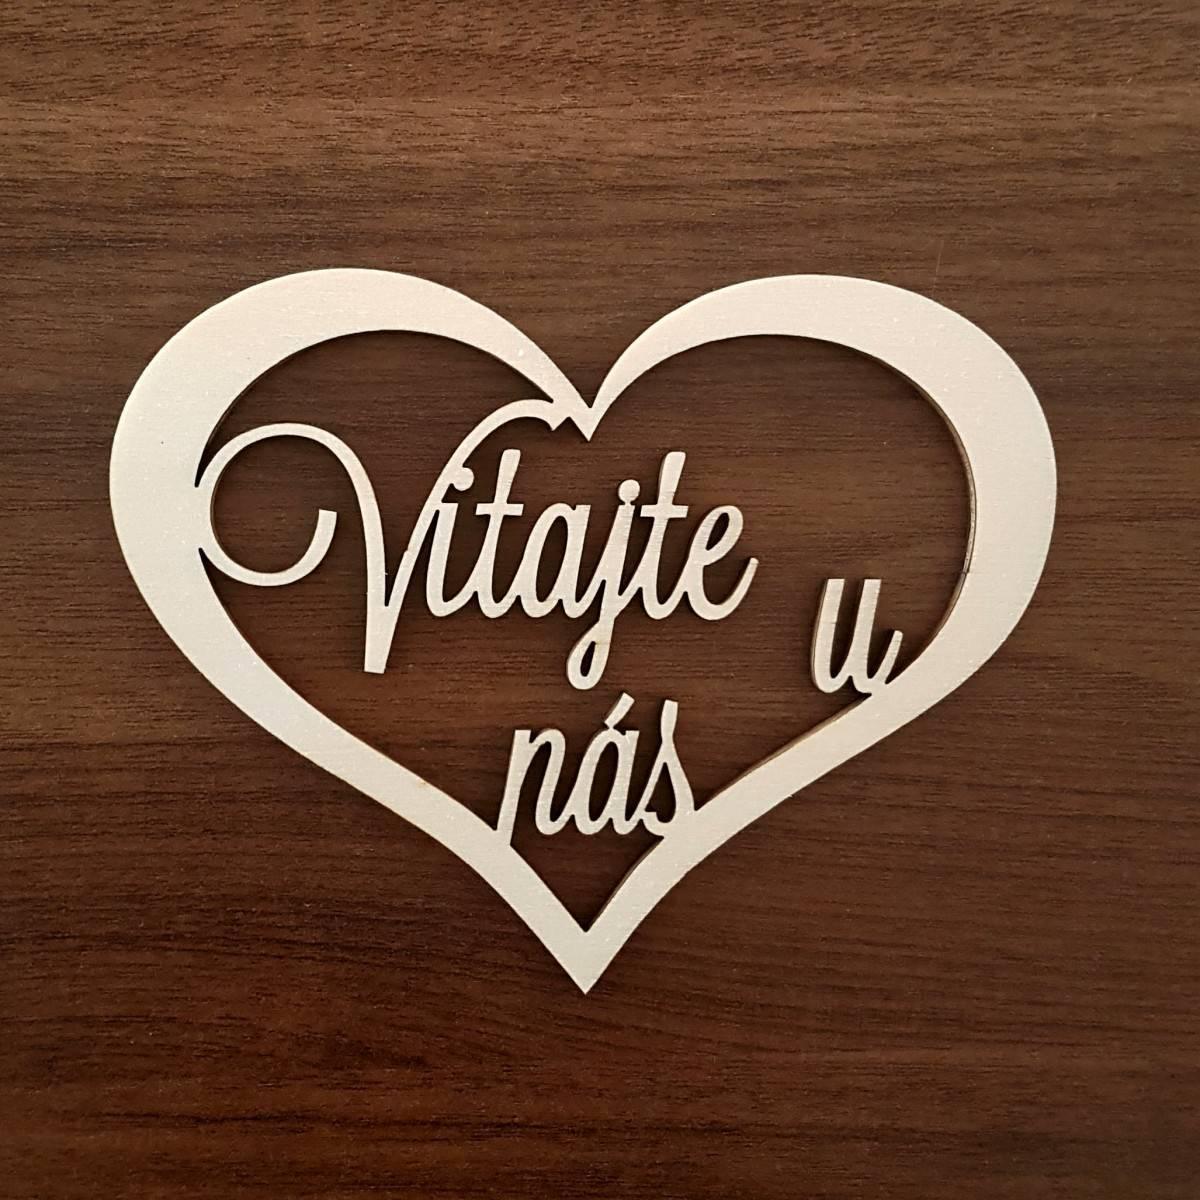 vitajte-u-nas1